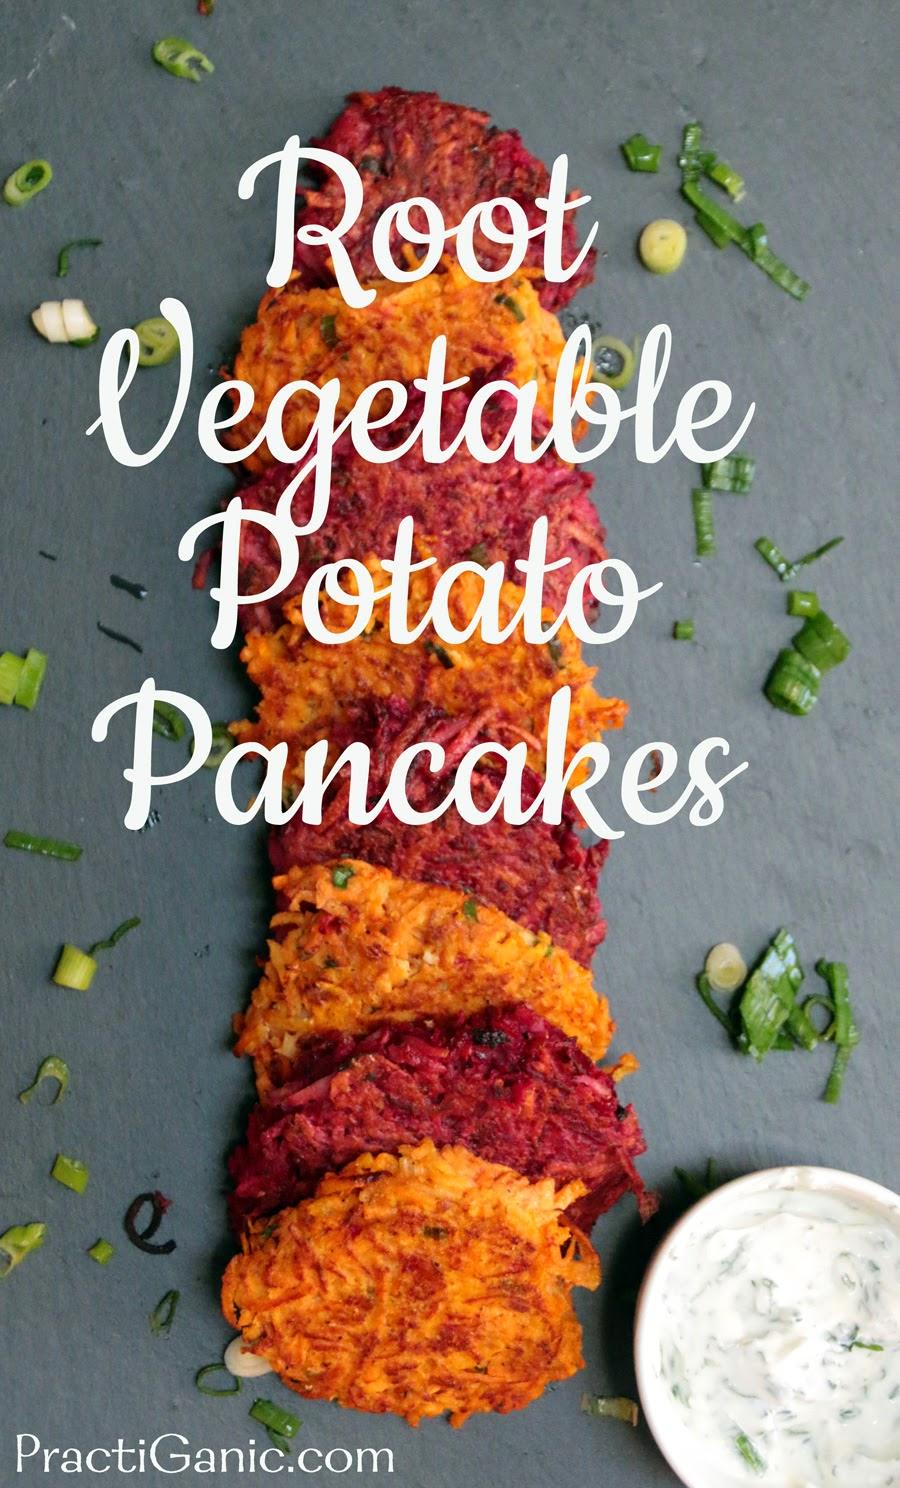 Root Vegetable Potato Pancakes with Yogurt Dip